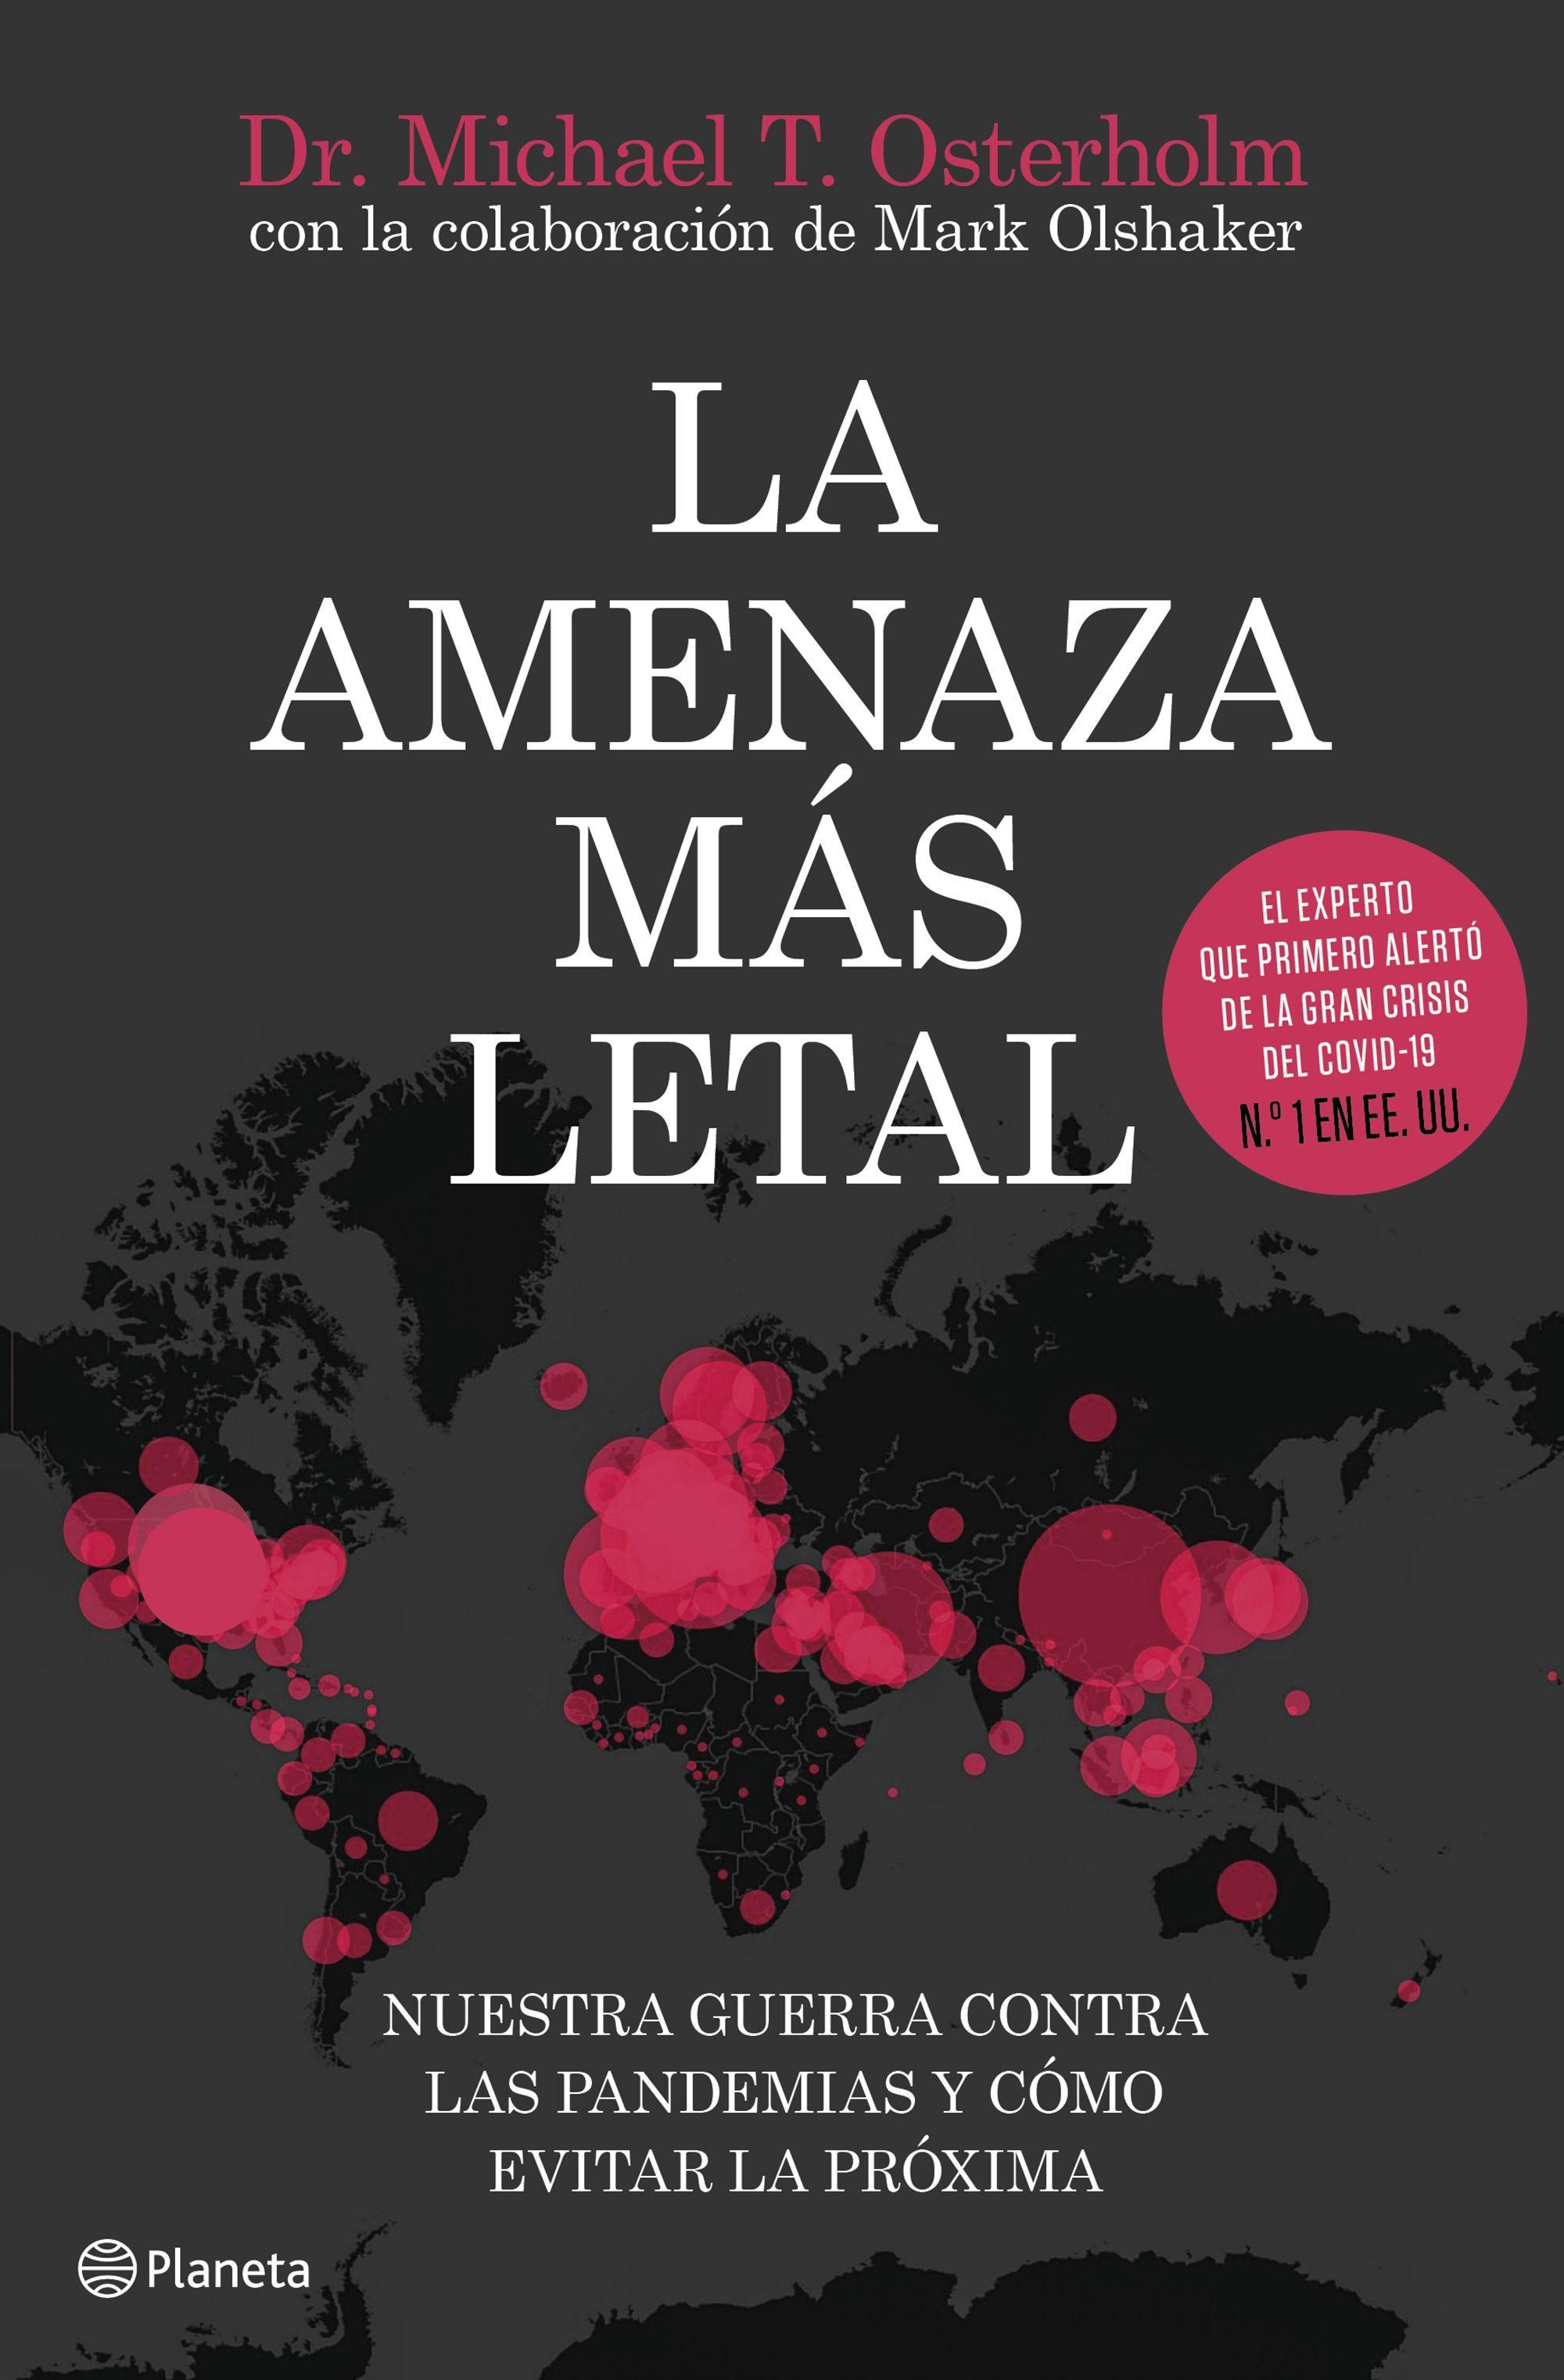 AMENAZA MAS LETAL